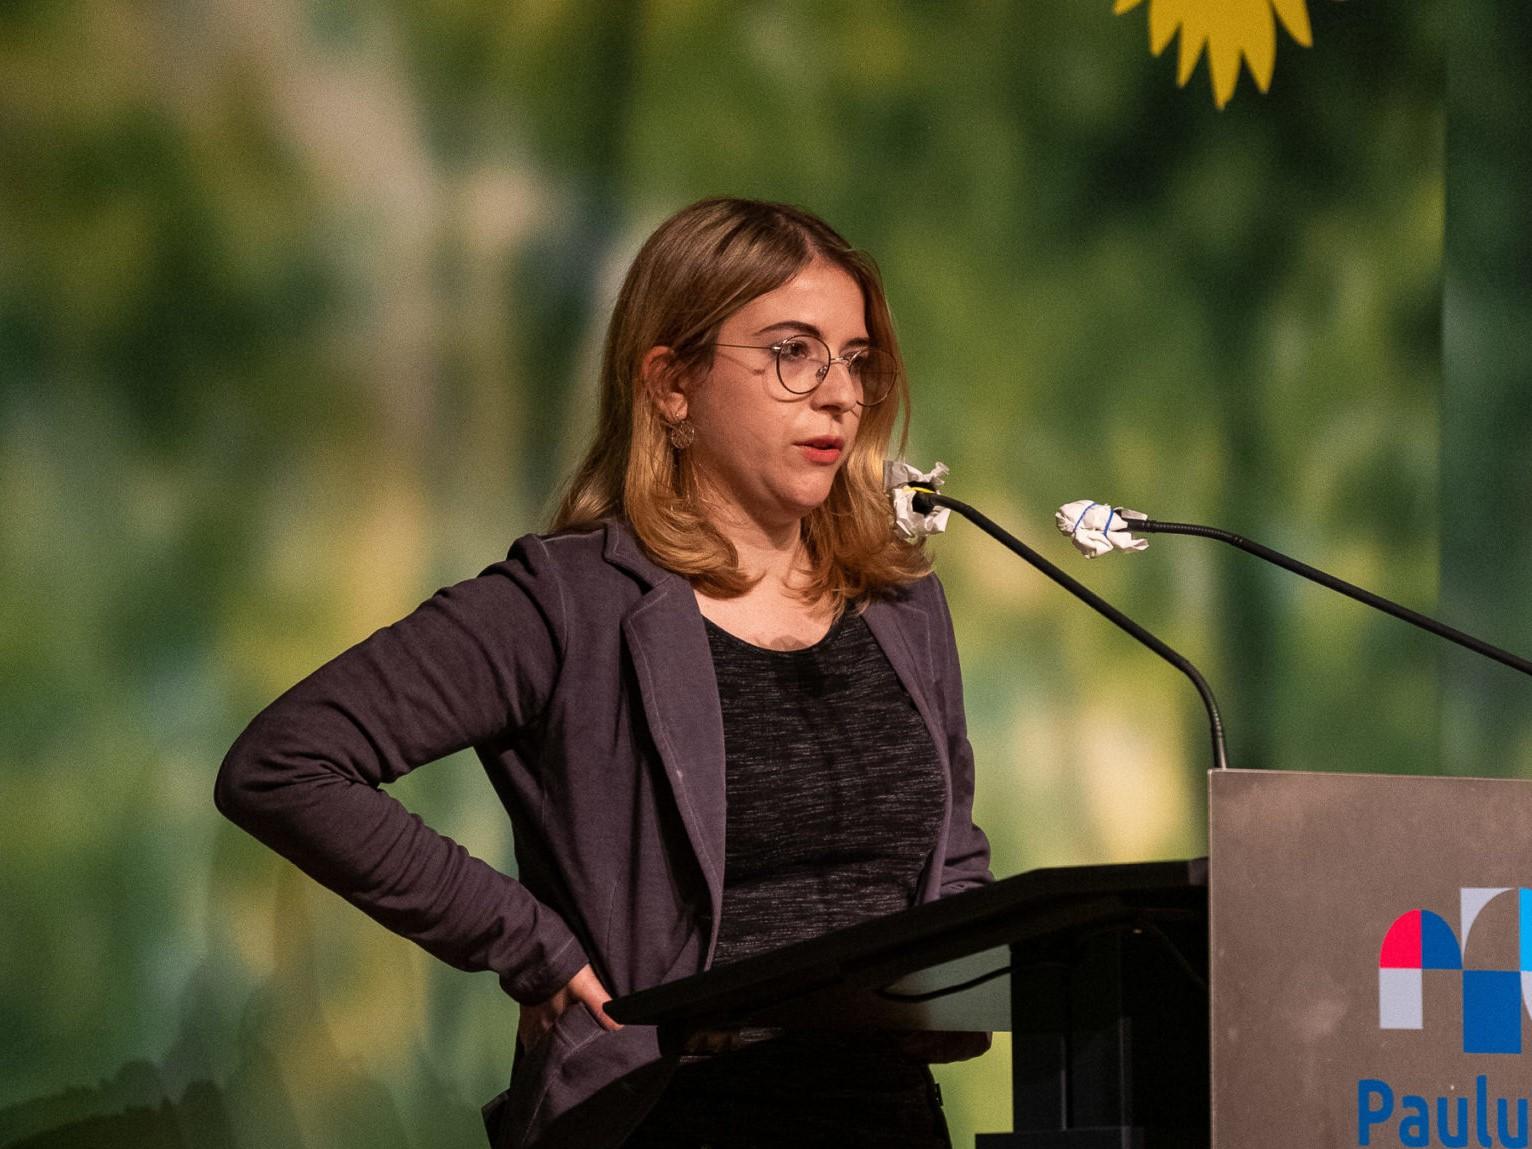 Chantal Kopf zur Kandidatin im Wahlkreis Freiburg gewählt